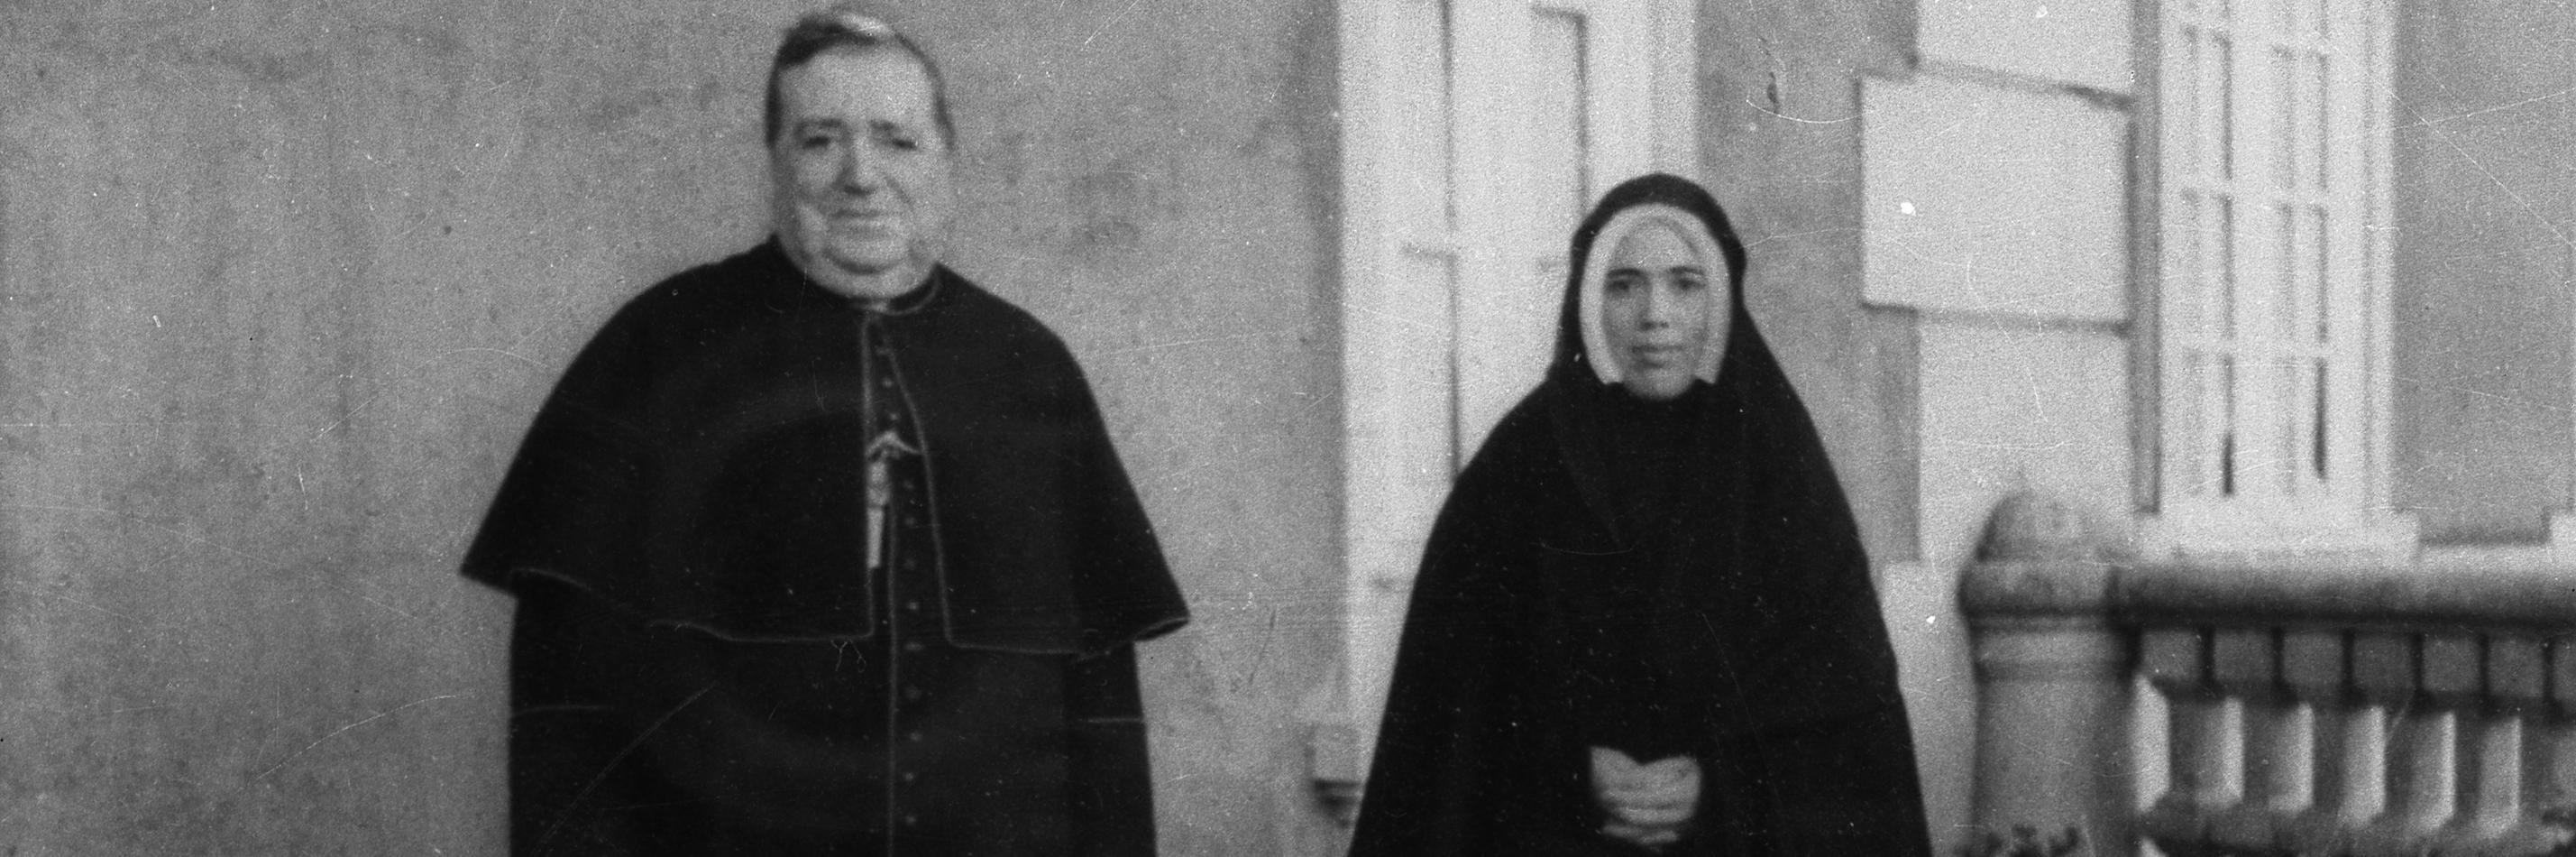 Lucia com o bispo.jpg